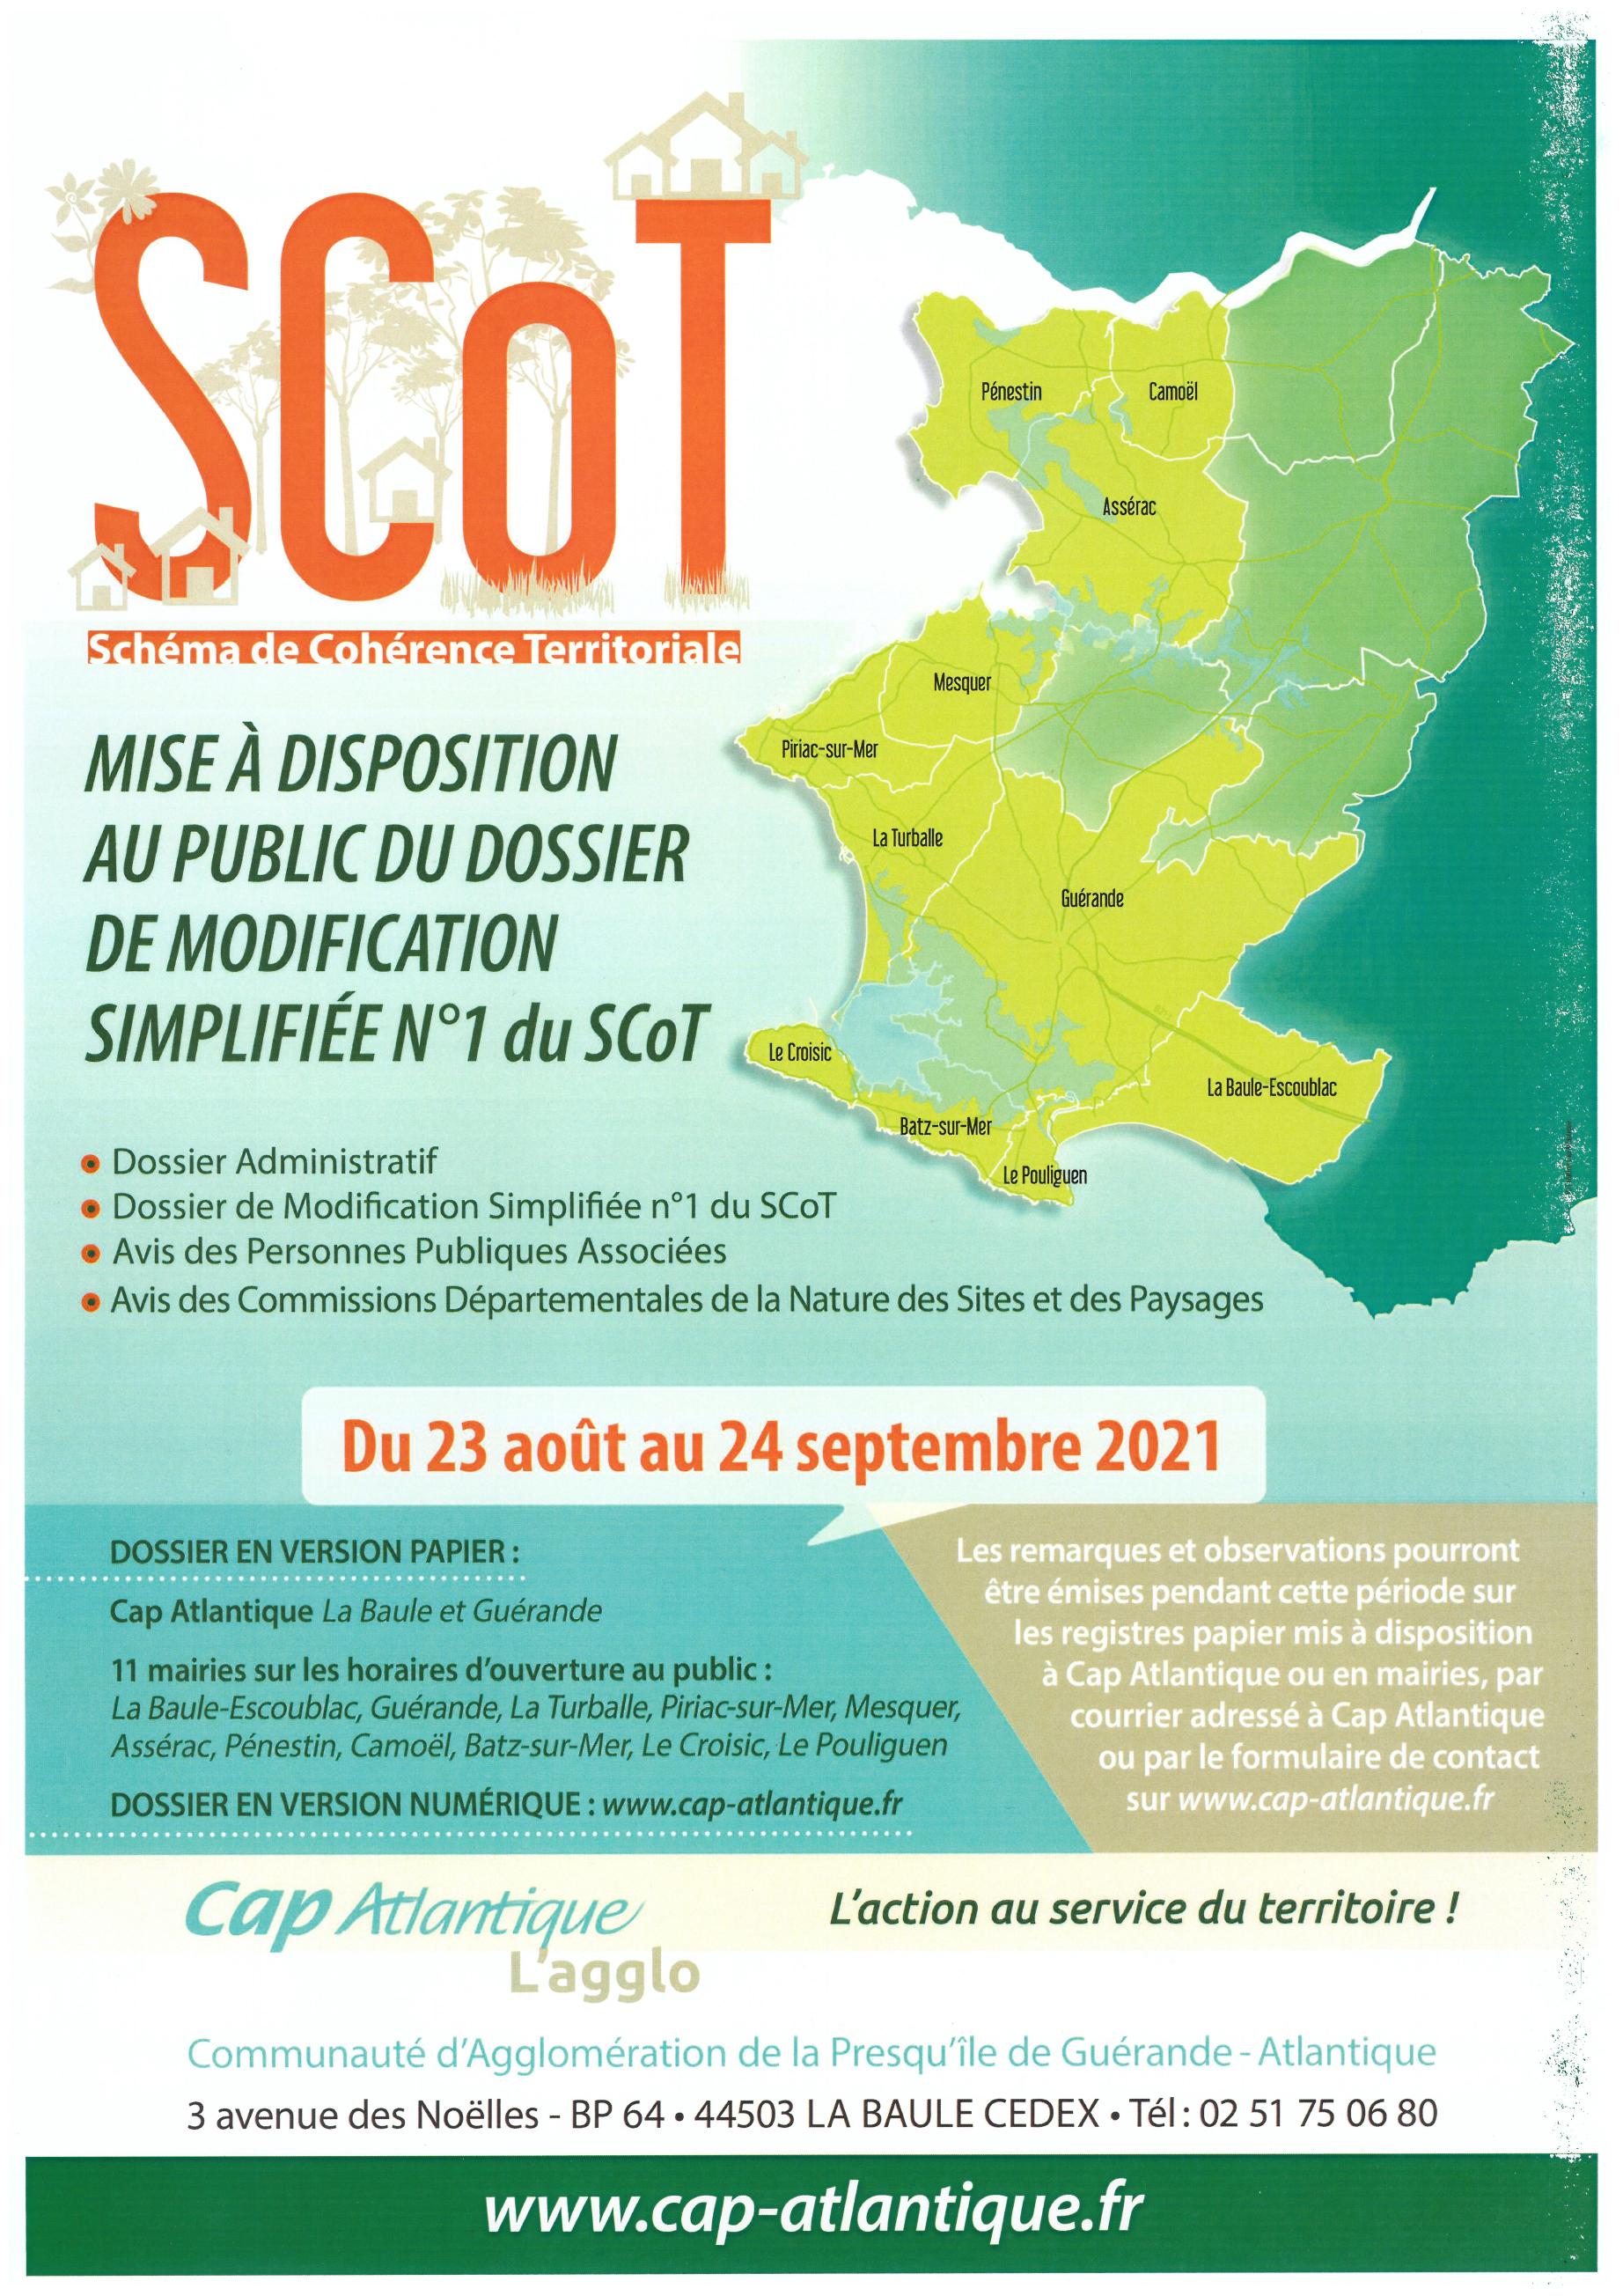 Scot - Cap Atlantique